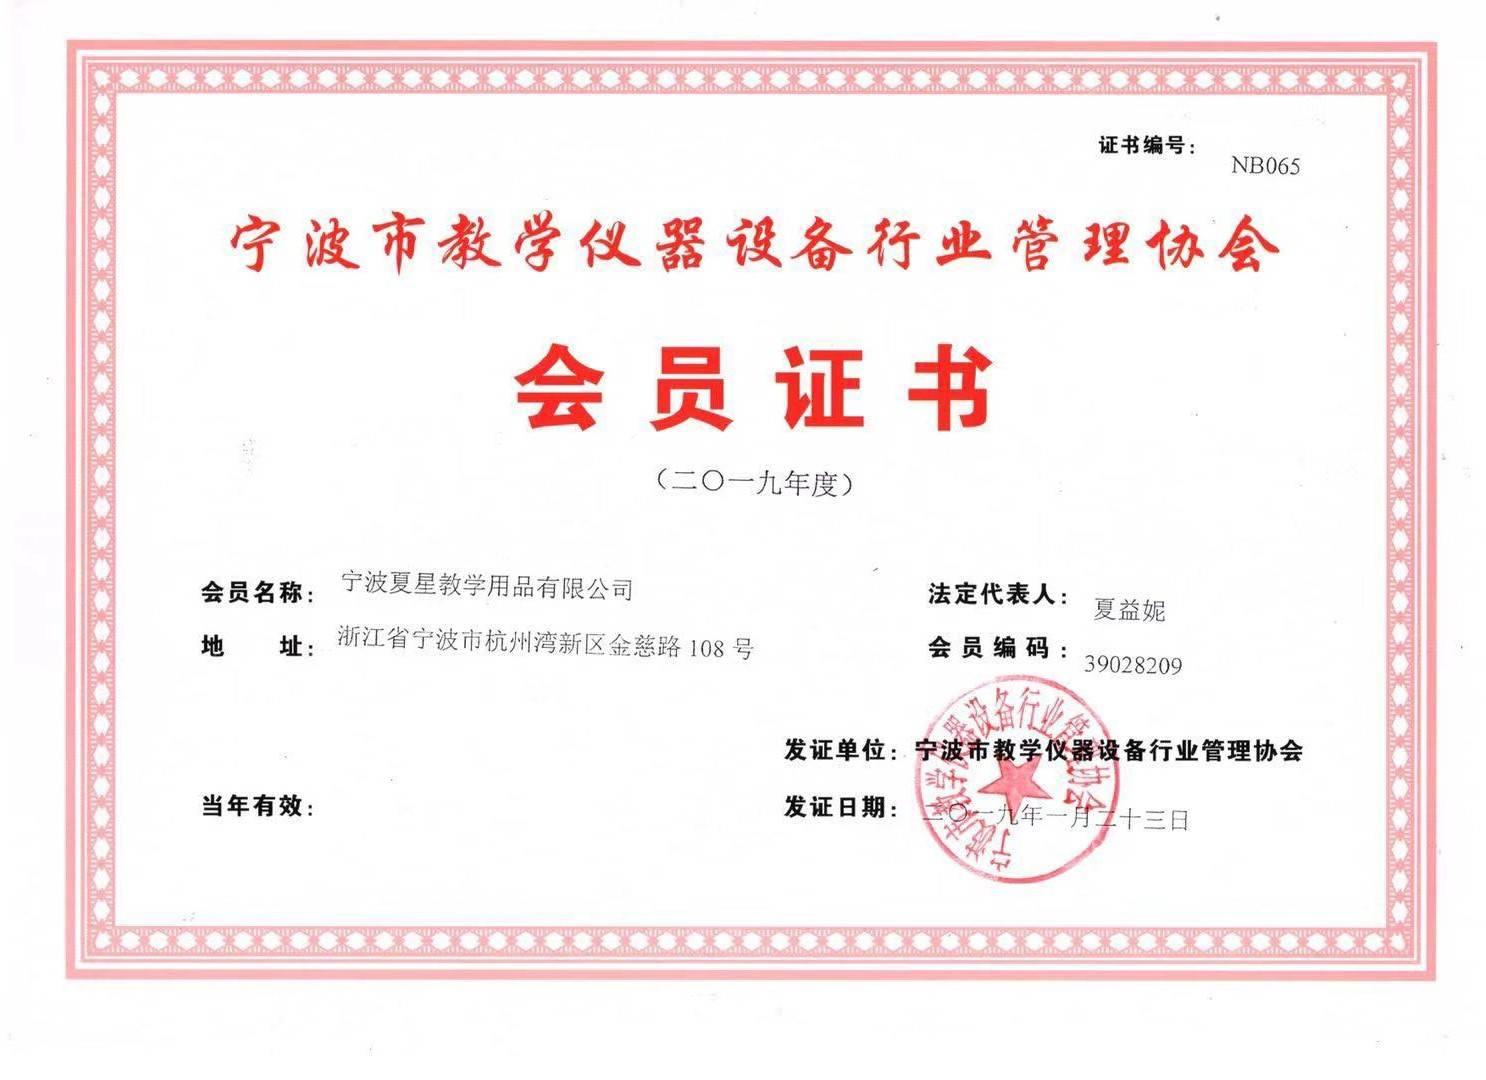 夏星荣获教育仪器行业会员单位